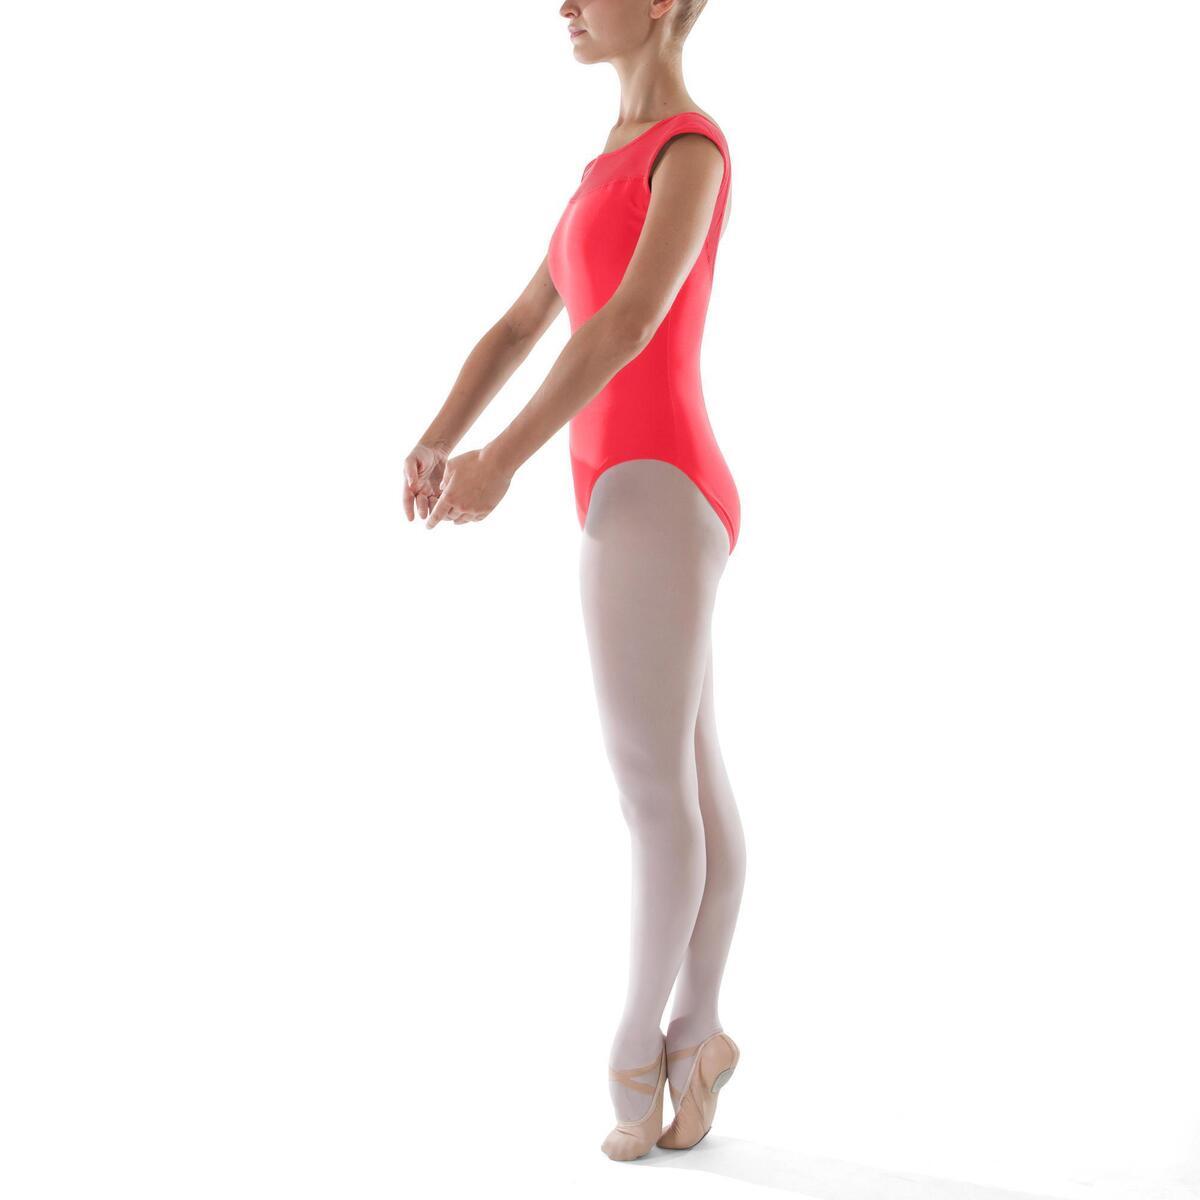 Bild 4 von Tanzbody Ballett Kurzarm Damen koralle